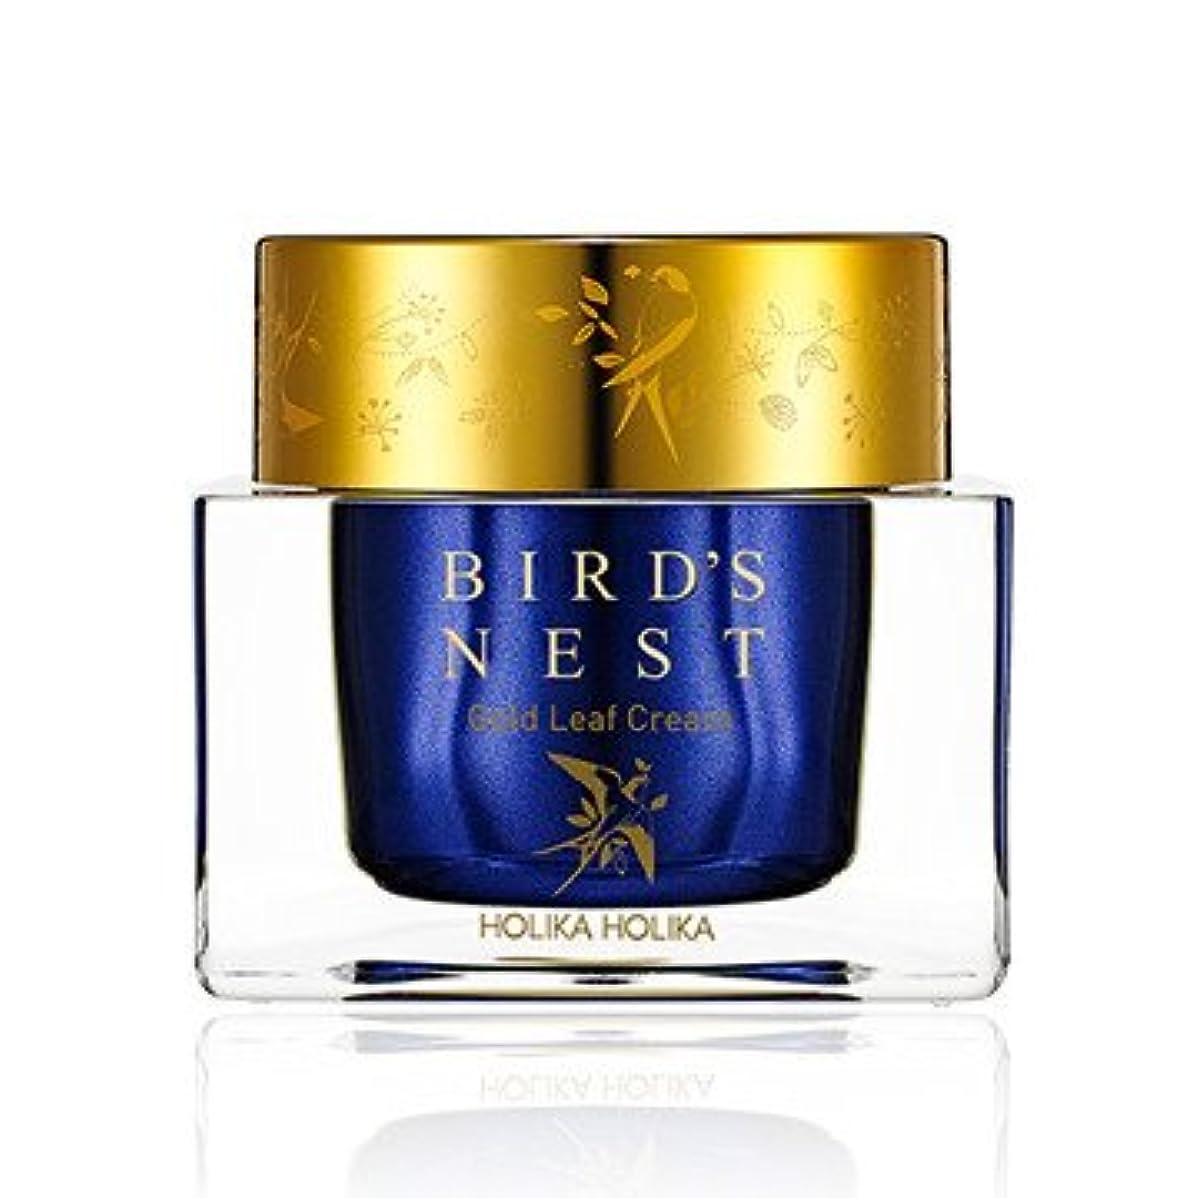 ラフ睡眠待つ残高[2018 NEW] ホリカホリカ プライムユース バーズネスト ゴールドリーフ クリーム/Holika Holika Prime Youth Birds Nest Gold Leaf Cream 55ml [並行輸入品]